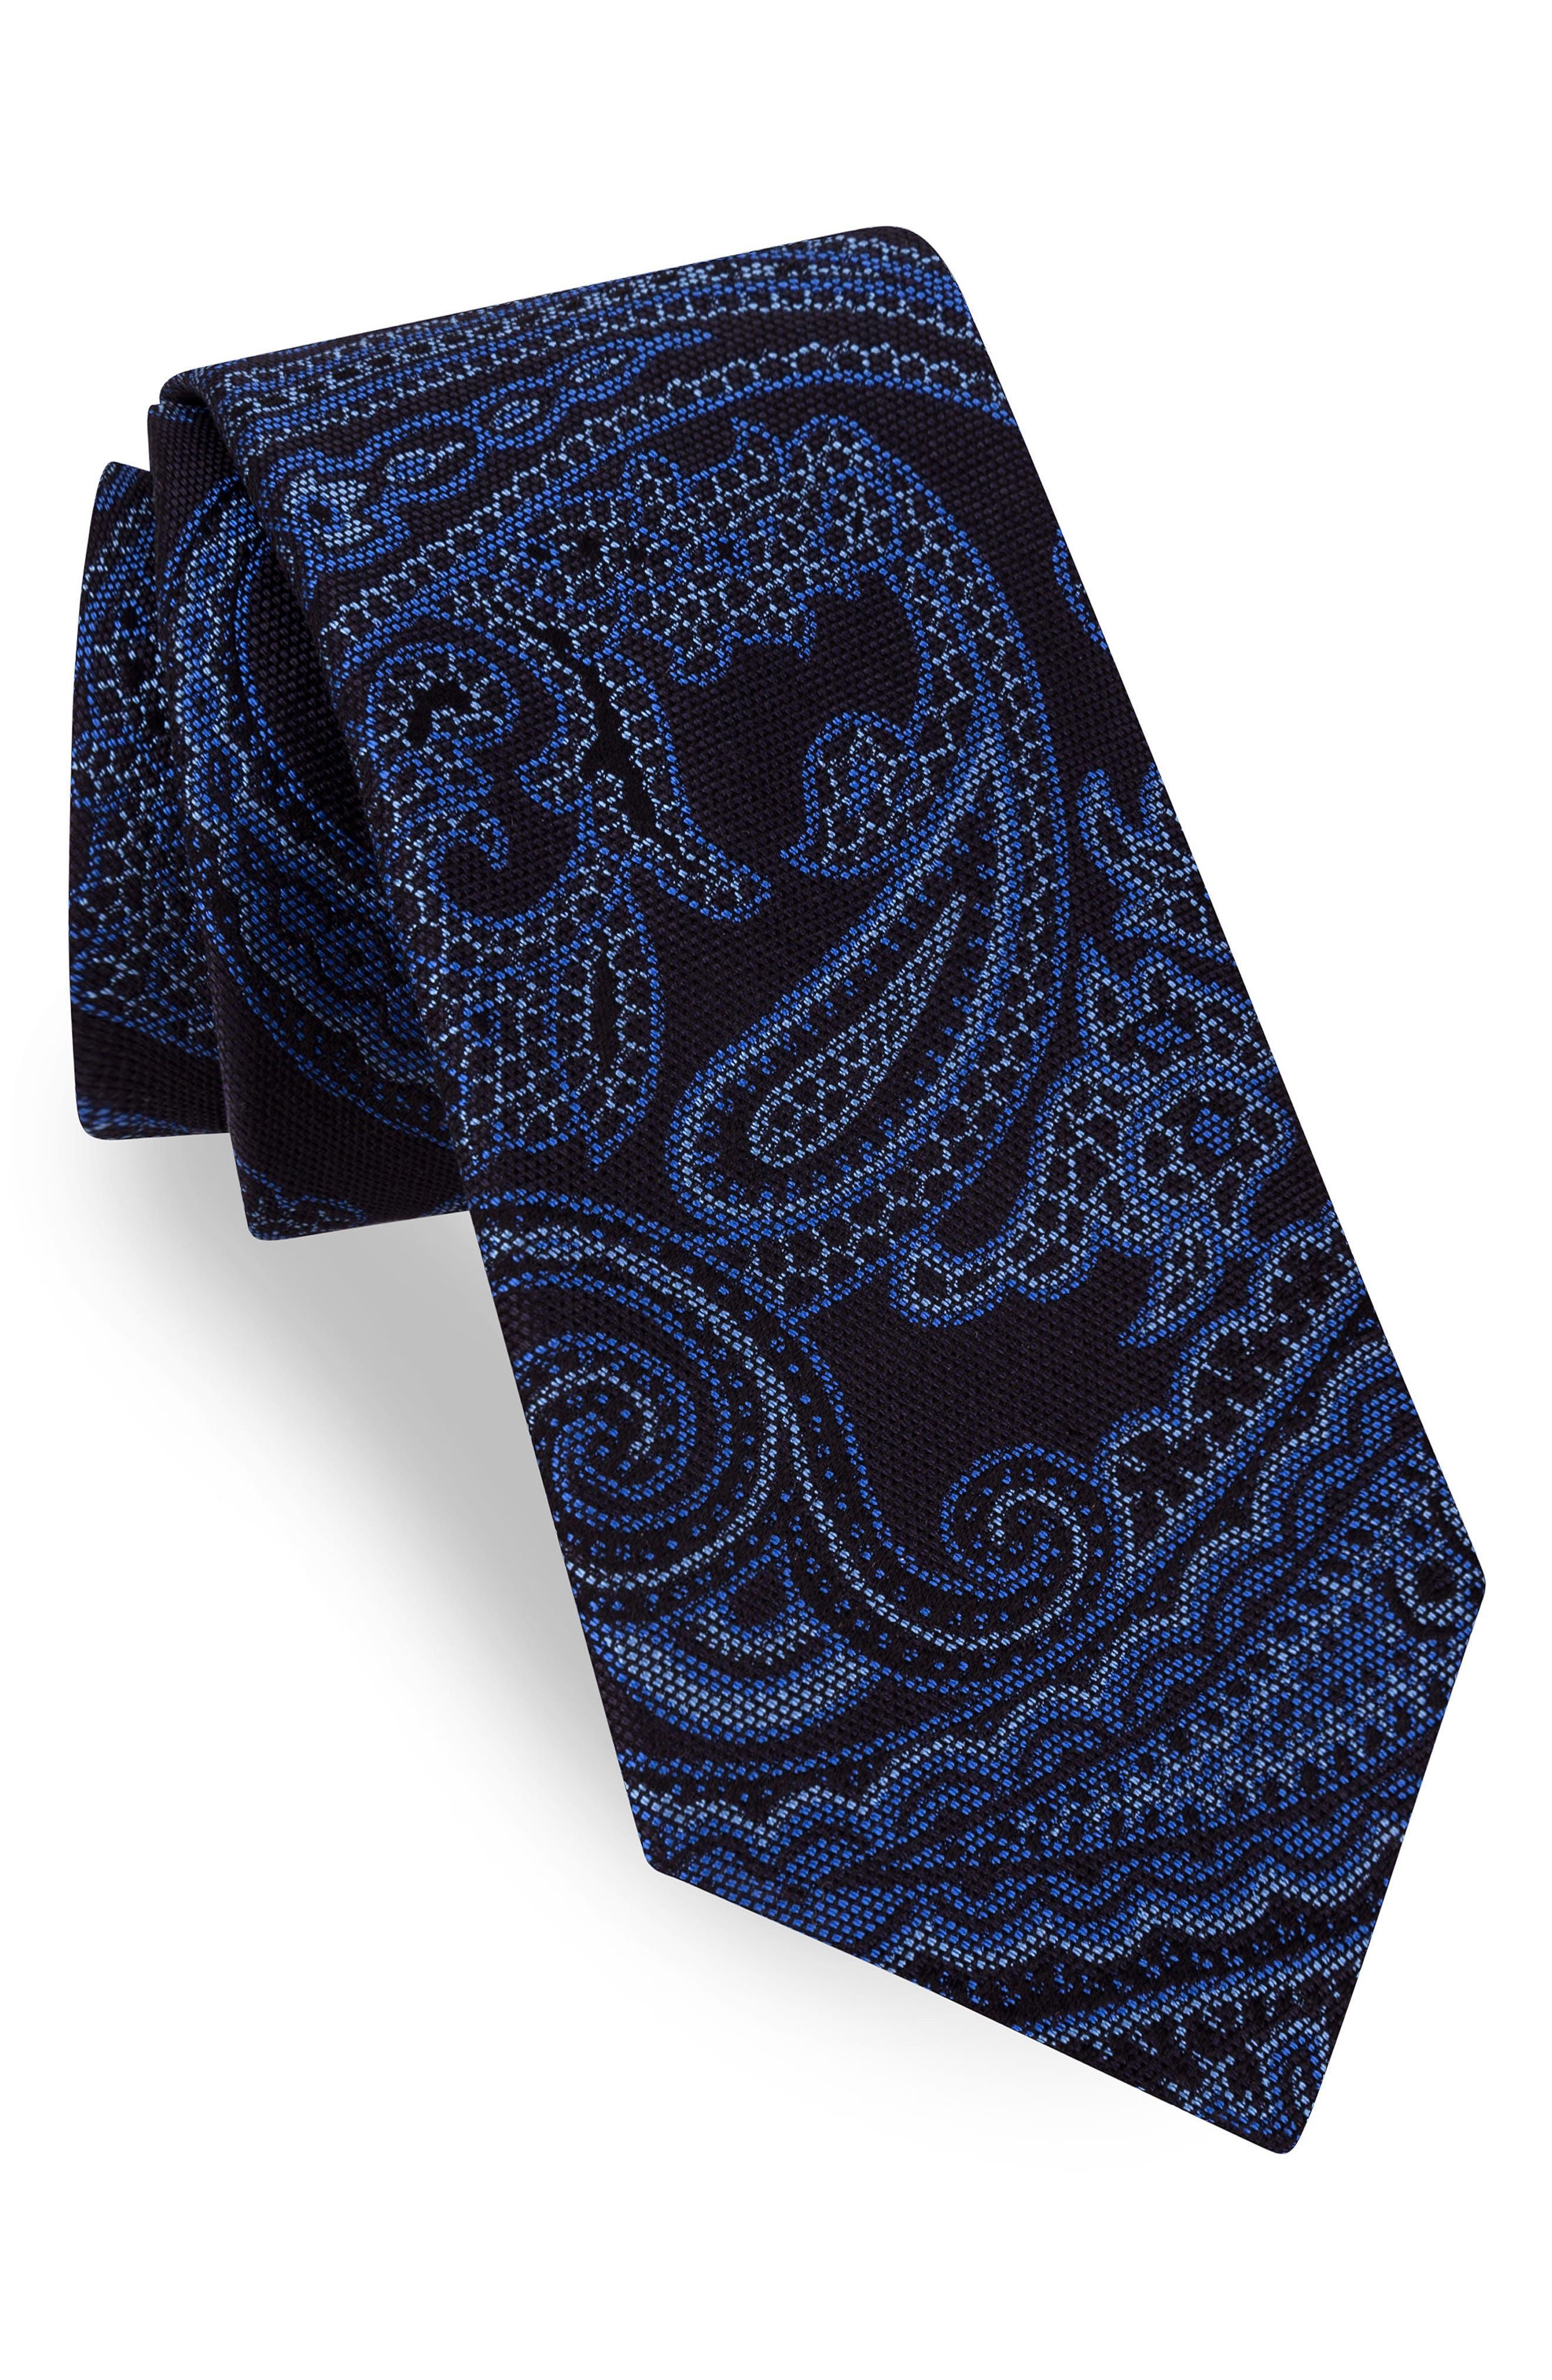 TED BAKER LONDON Peter Paisley Silk Tie